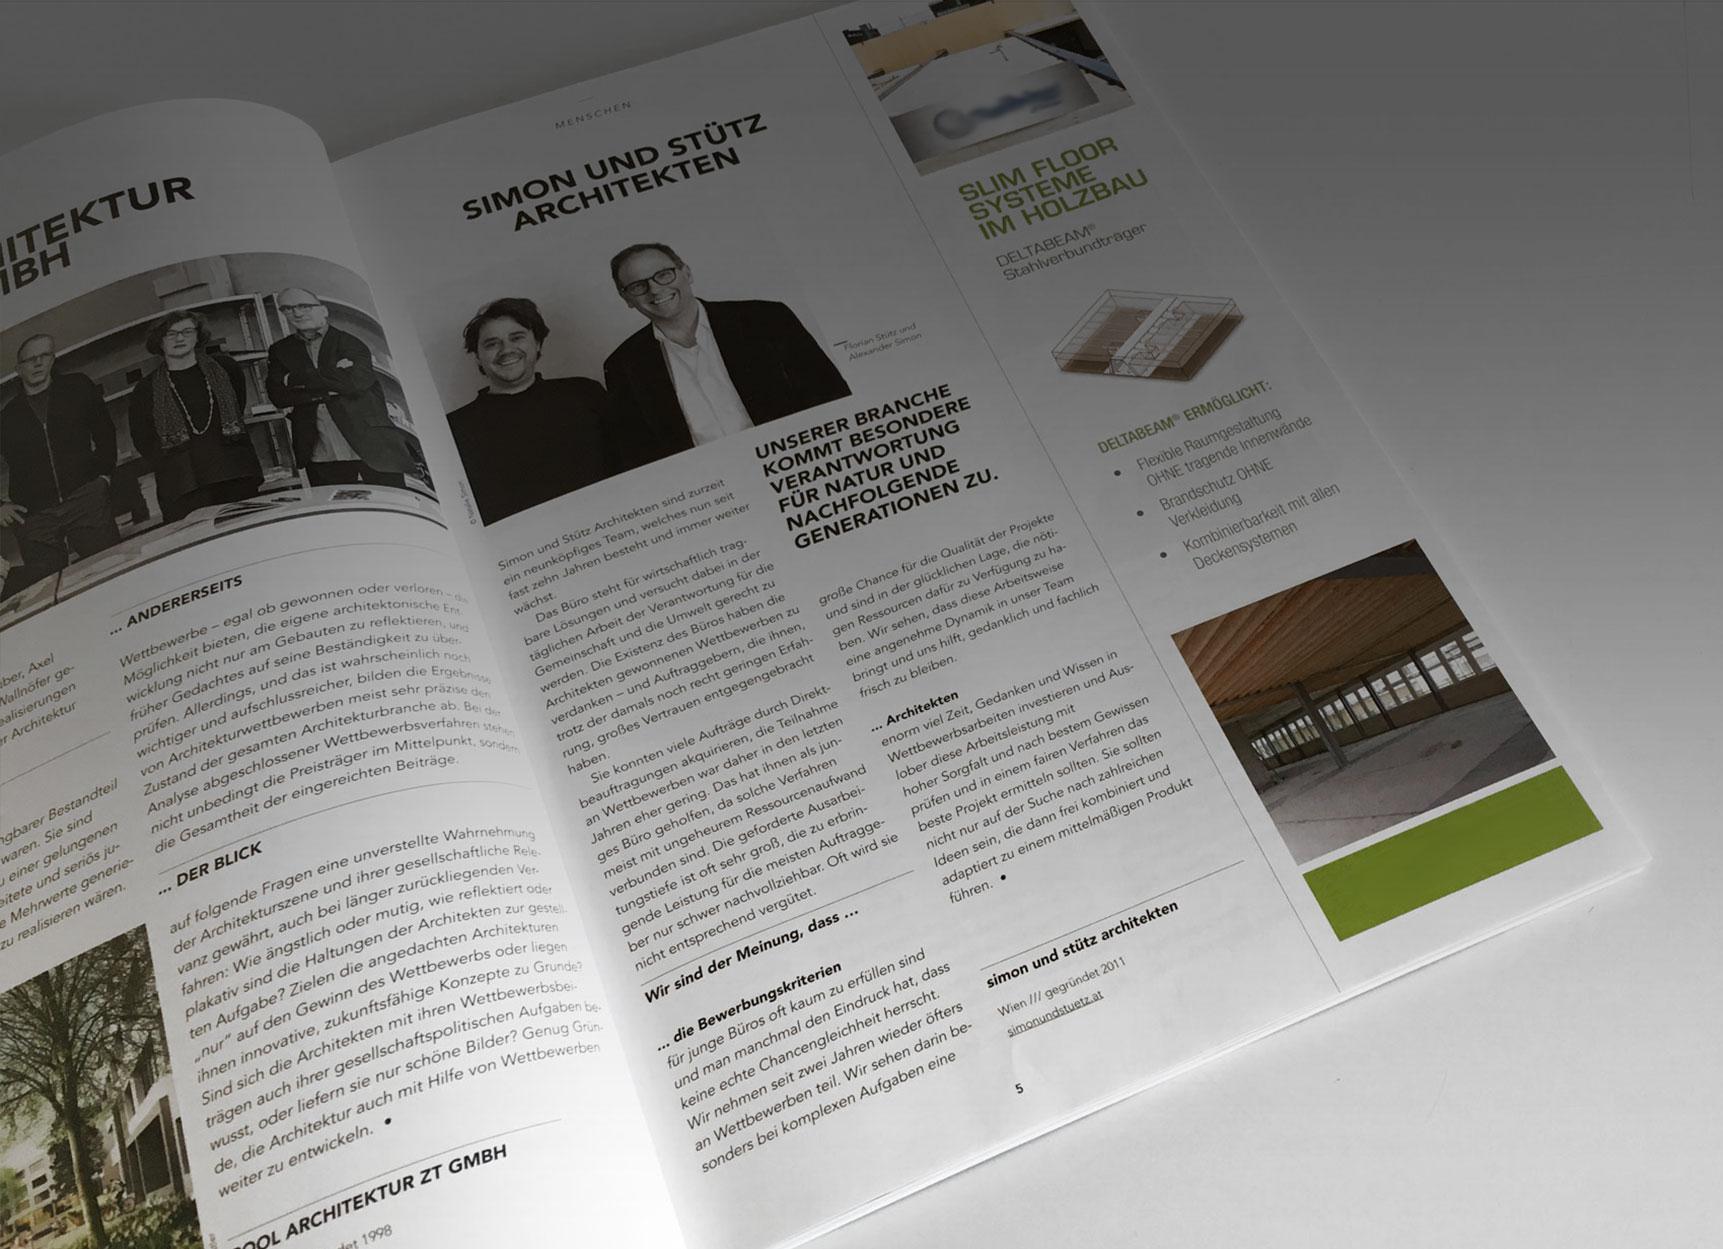 Journal Architektur/ Wettbewerbe